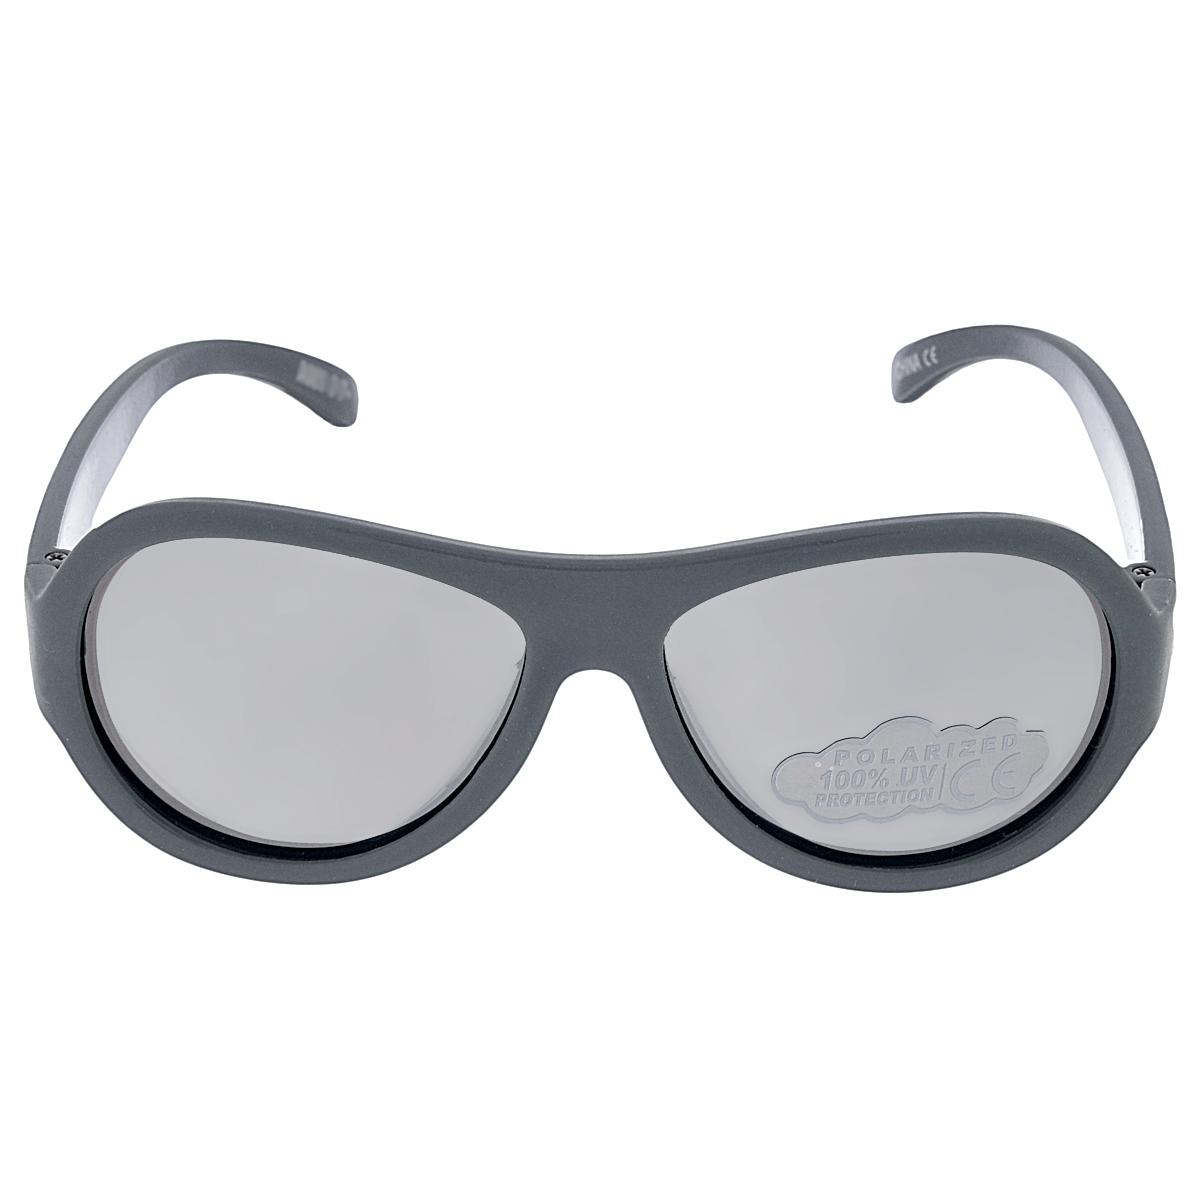 Детские солнцезащитные очки Babiators Камуфляж (Camo), поляризационные, с футляром, цвет: серый, 3-7 летBAB-081Защита глаз всегда в моде. Вы делаете все возможное, чтобы ваши дети были здоровы и в безопасности. Шлемы для езды на велосипеде, солнцезащитный крем для прогулок на солнце... Но как насчёт влияния солнца на глазах вашего ребёнка? Правда в том, что сетчатка глаза у детей развивается вместе с самим ребёнком. Это означает, что глаза малышей не могут отфильтровать УФ-излучение. Добавьте к этому тот факт, что дети за год получают трёхкратную дозу солнечного воздействия на взрослого человека (доклад Vision Council Report 2013, США). Проблема понятна - детям нужна настоящая защита, чтобы глазки были в безопасности, а зрение сильным. Каждая пара солнцезащитных очков Babiators для детей обеспечивает 100% защиту от UVA и UVB. Прочные линзы высшего качества не подведут в самых сложных переделках. В отличие от обычных пластиковых очков, оправа Babiators выполнена из гибкого прорезиненного материала, что делает их ударопрочными, их можно сгибать и крутить - они не сломаются и вернутся в...